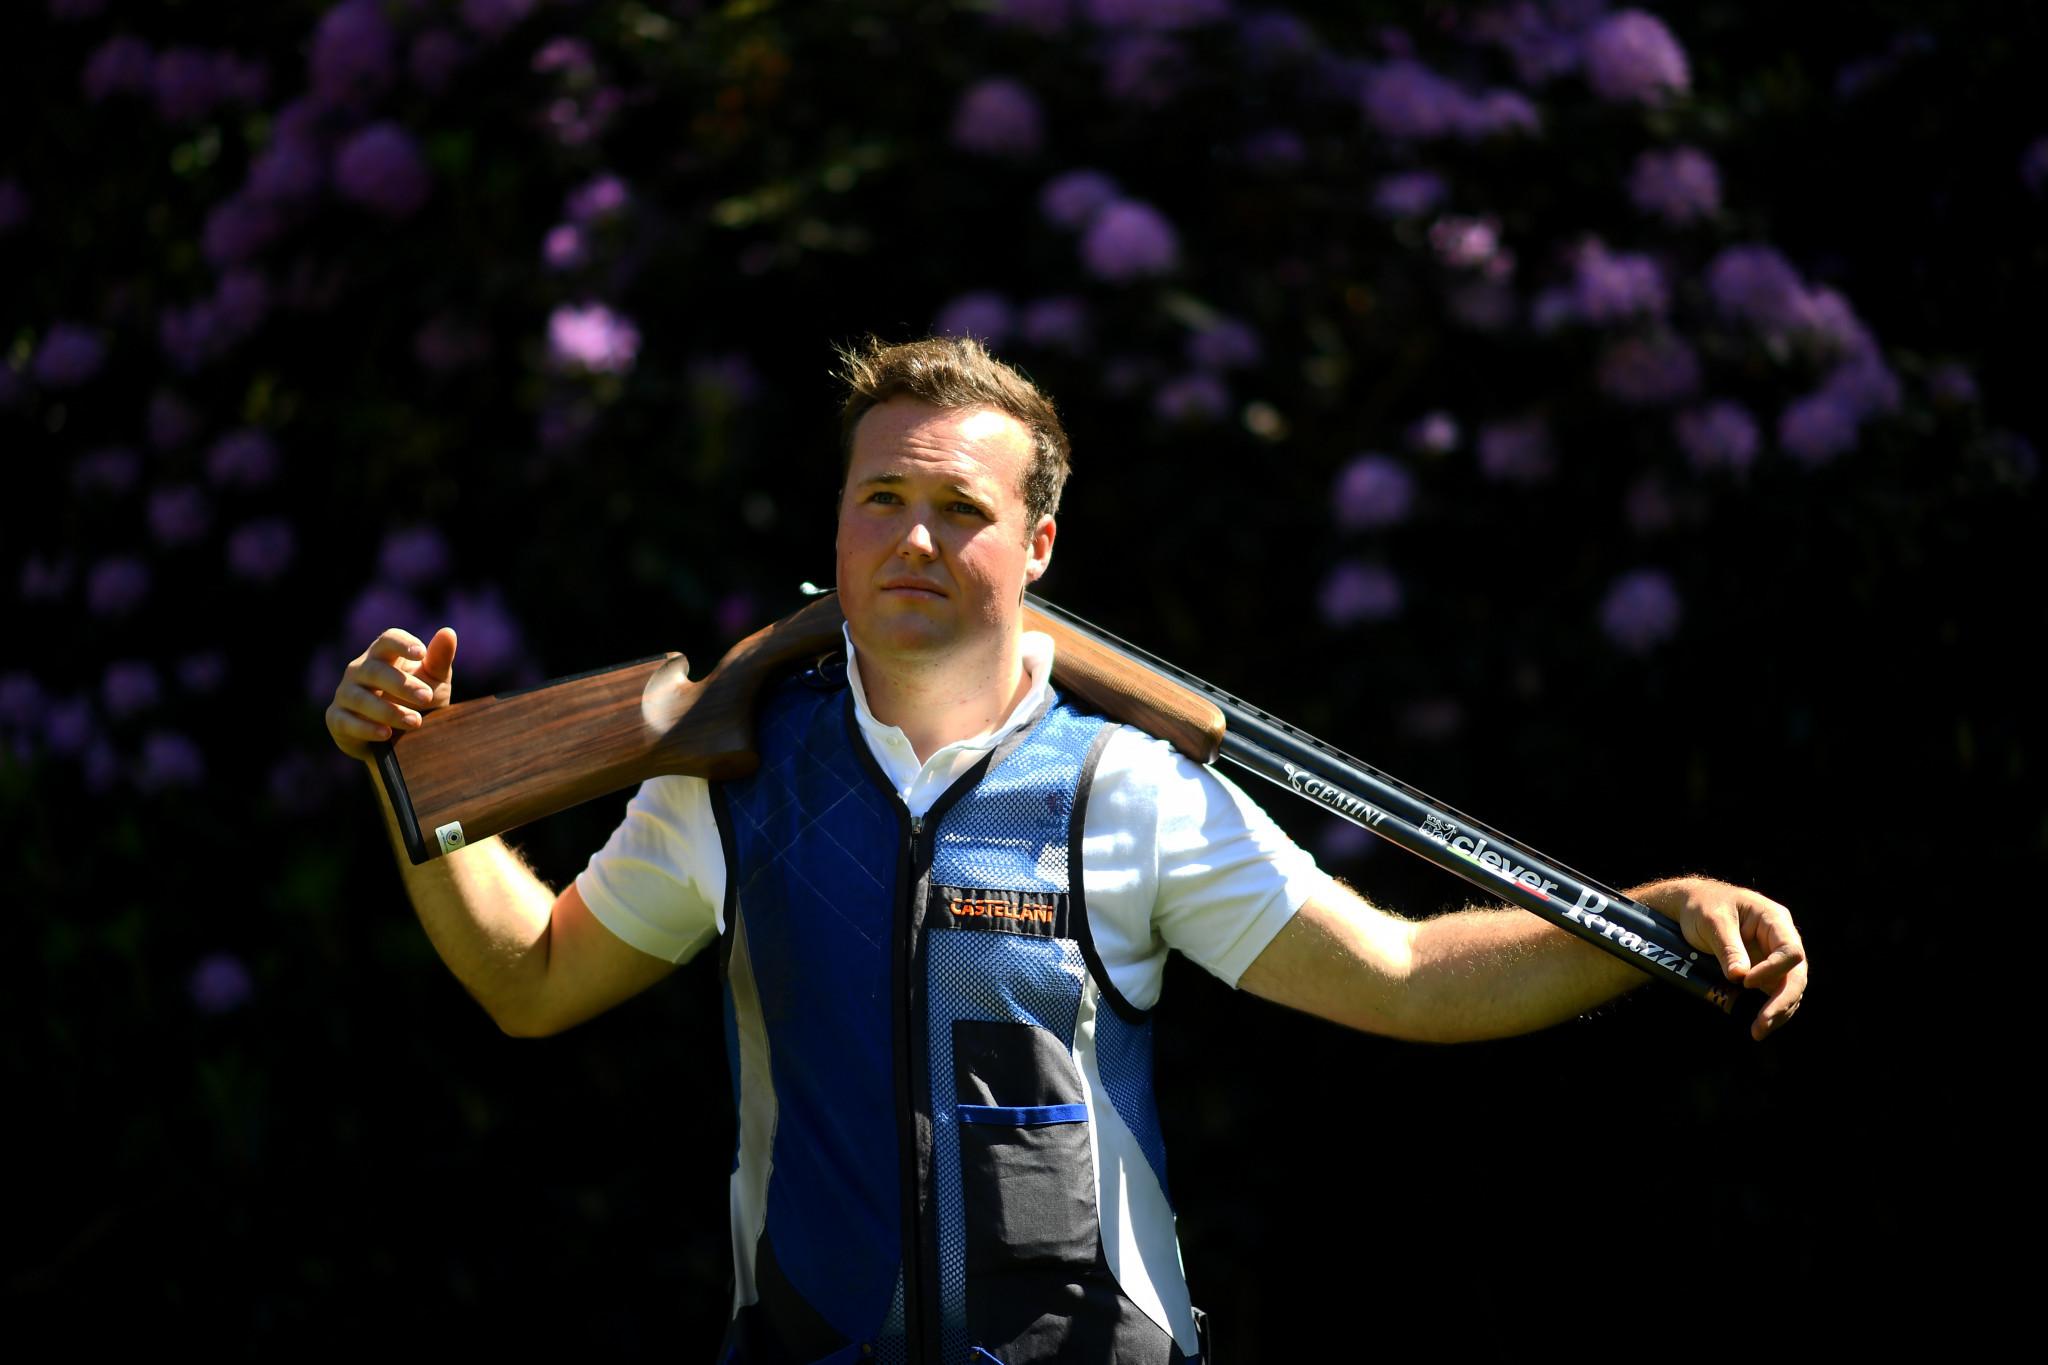 Coward-Holley and Semianova win trap gold at European Shooting Championship